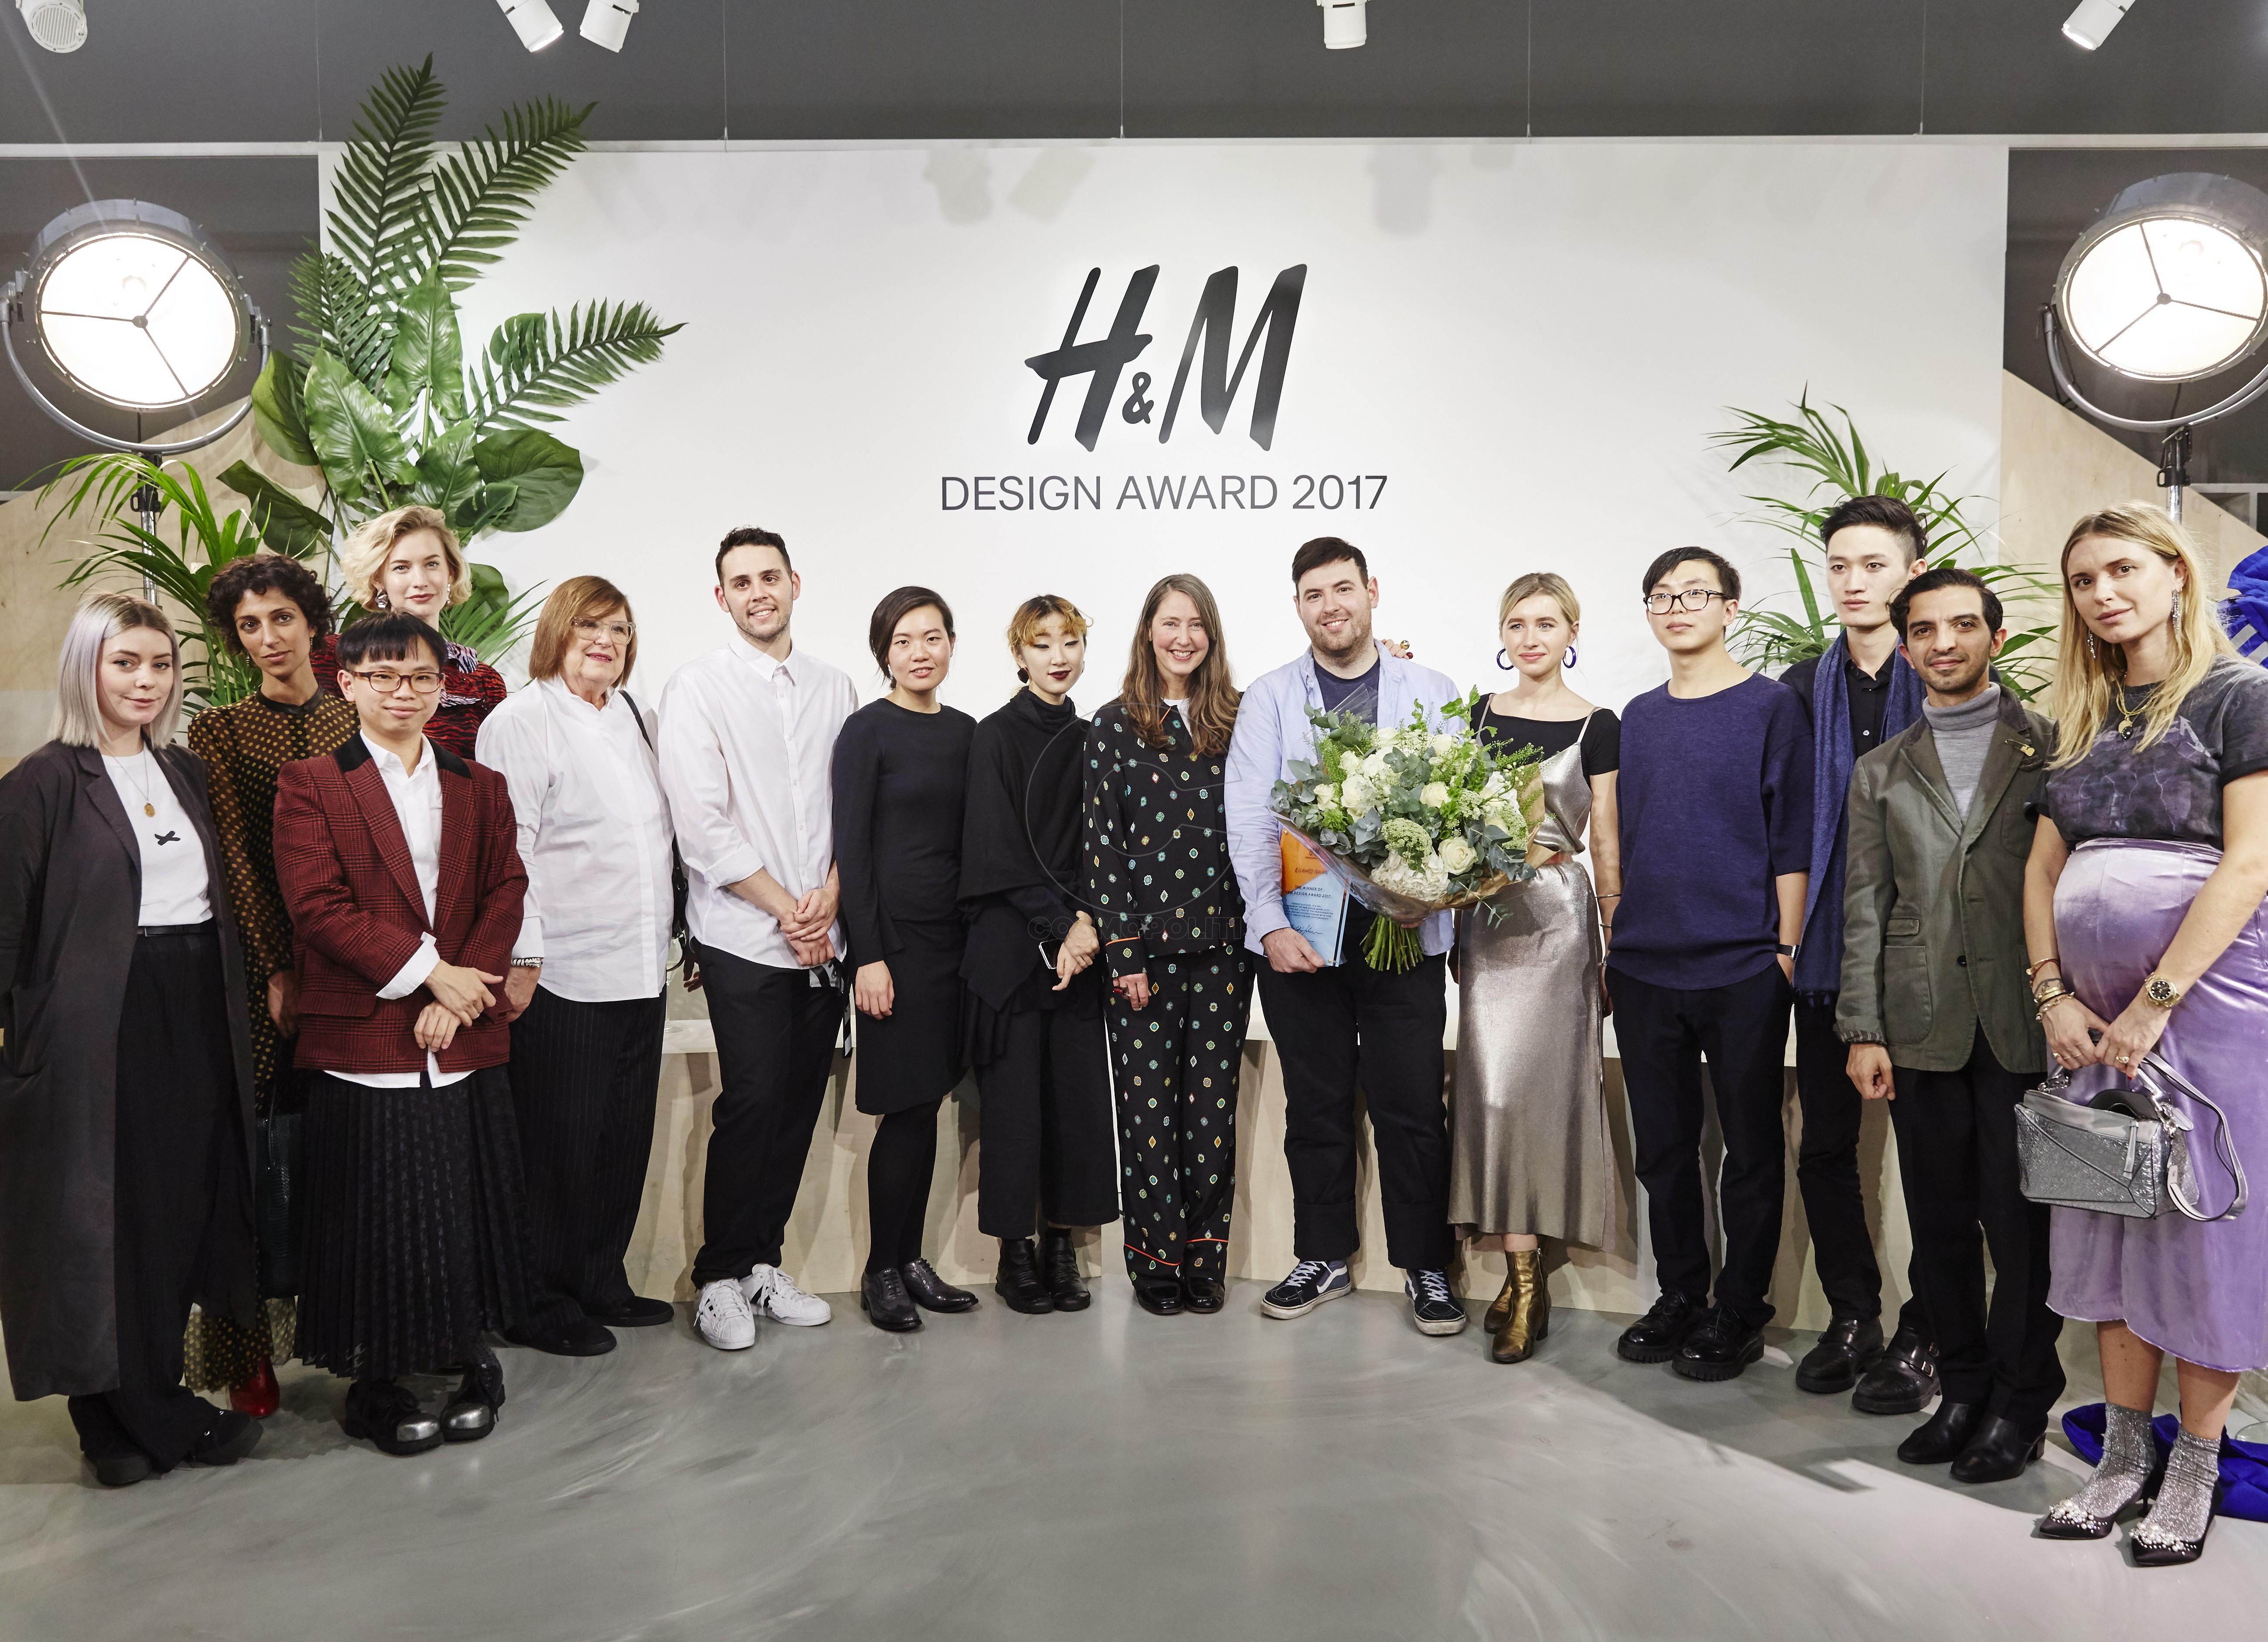 HMDA17-winner-jury-finalists-300dpi